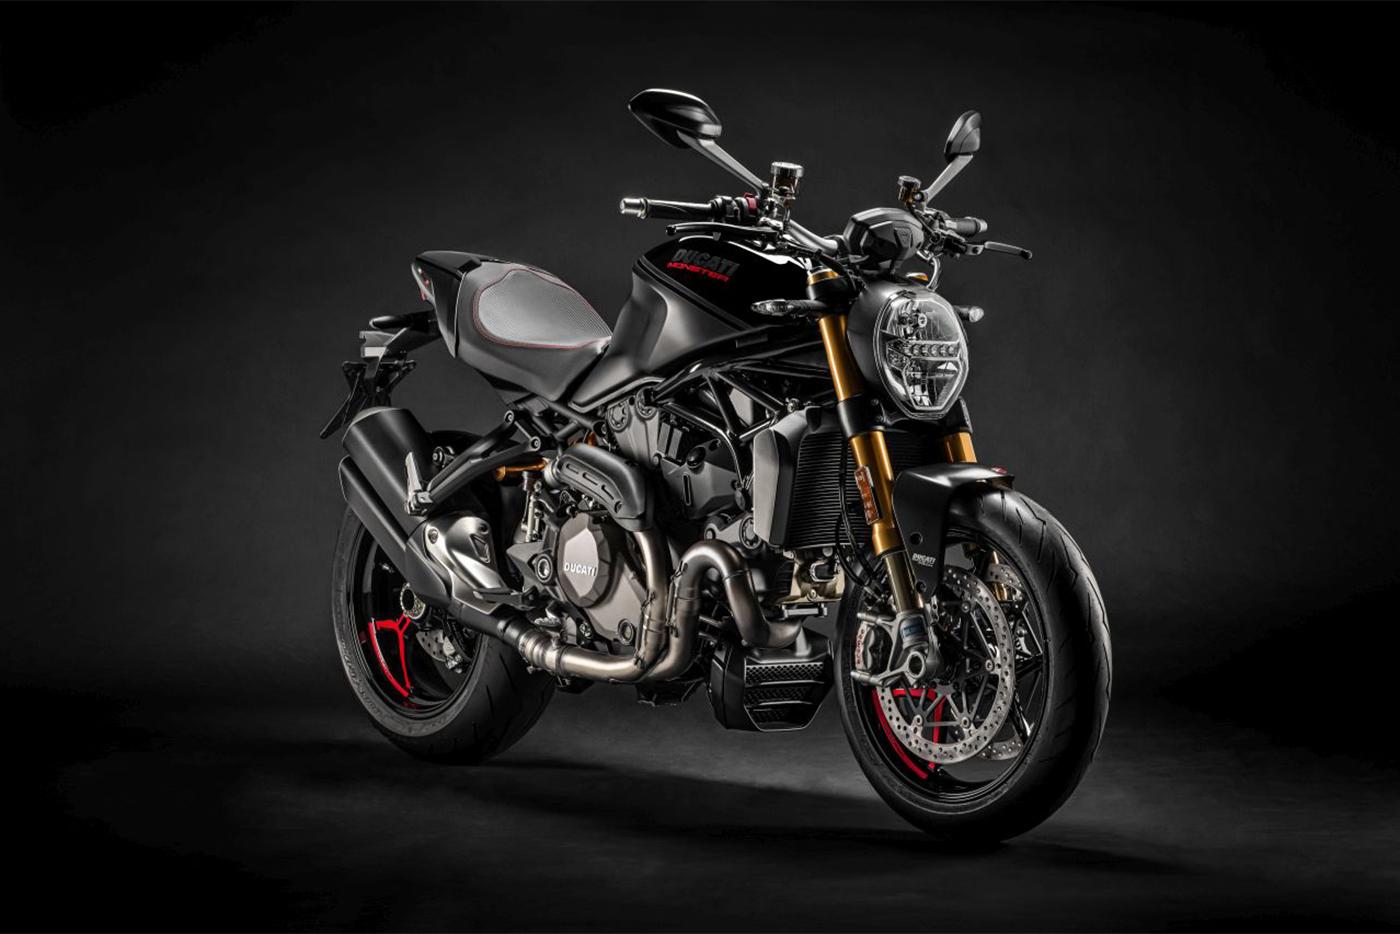 ducati-monster-1200s-black-on-black-5.jpg